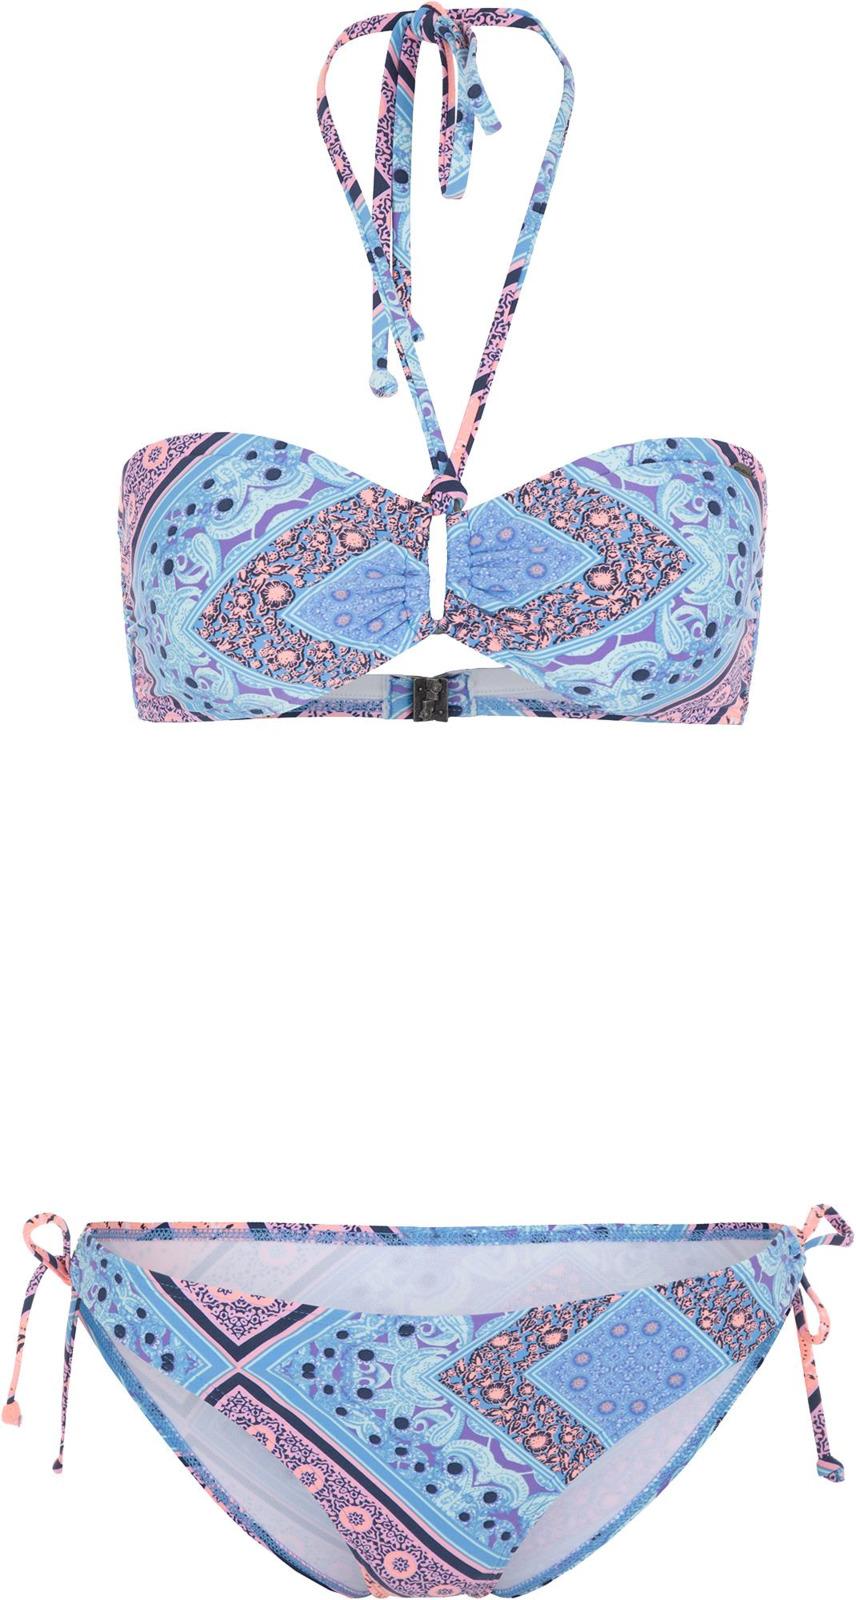 Купальник раздельный O'Neill speedo женский купальник консервативные купальники малая грудь собрала купальный костюм